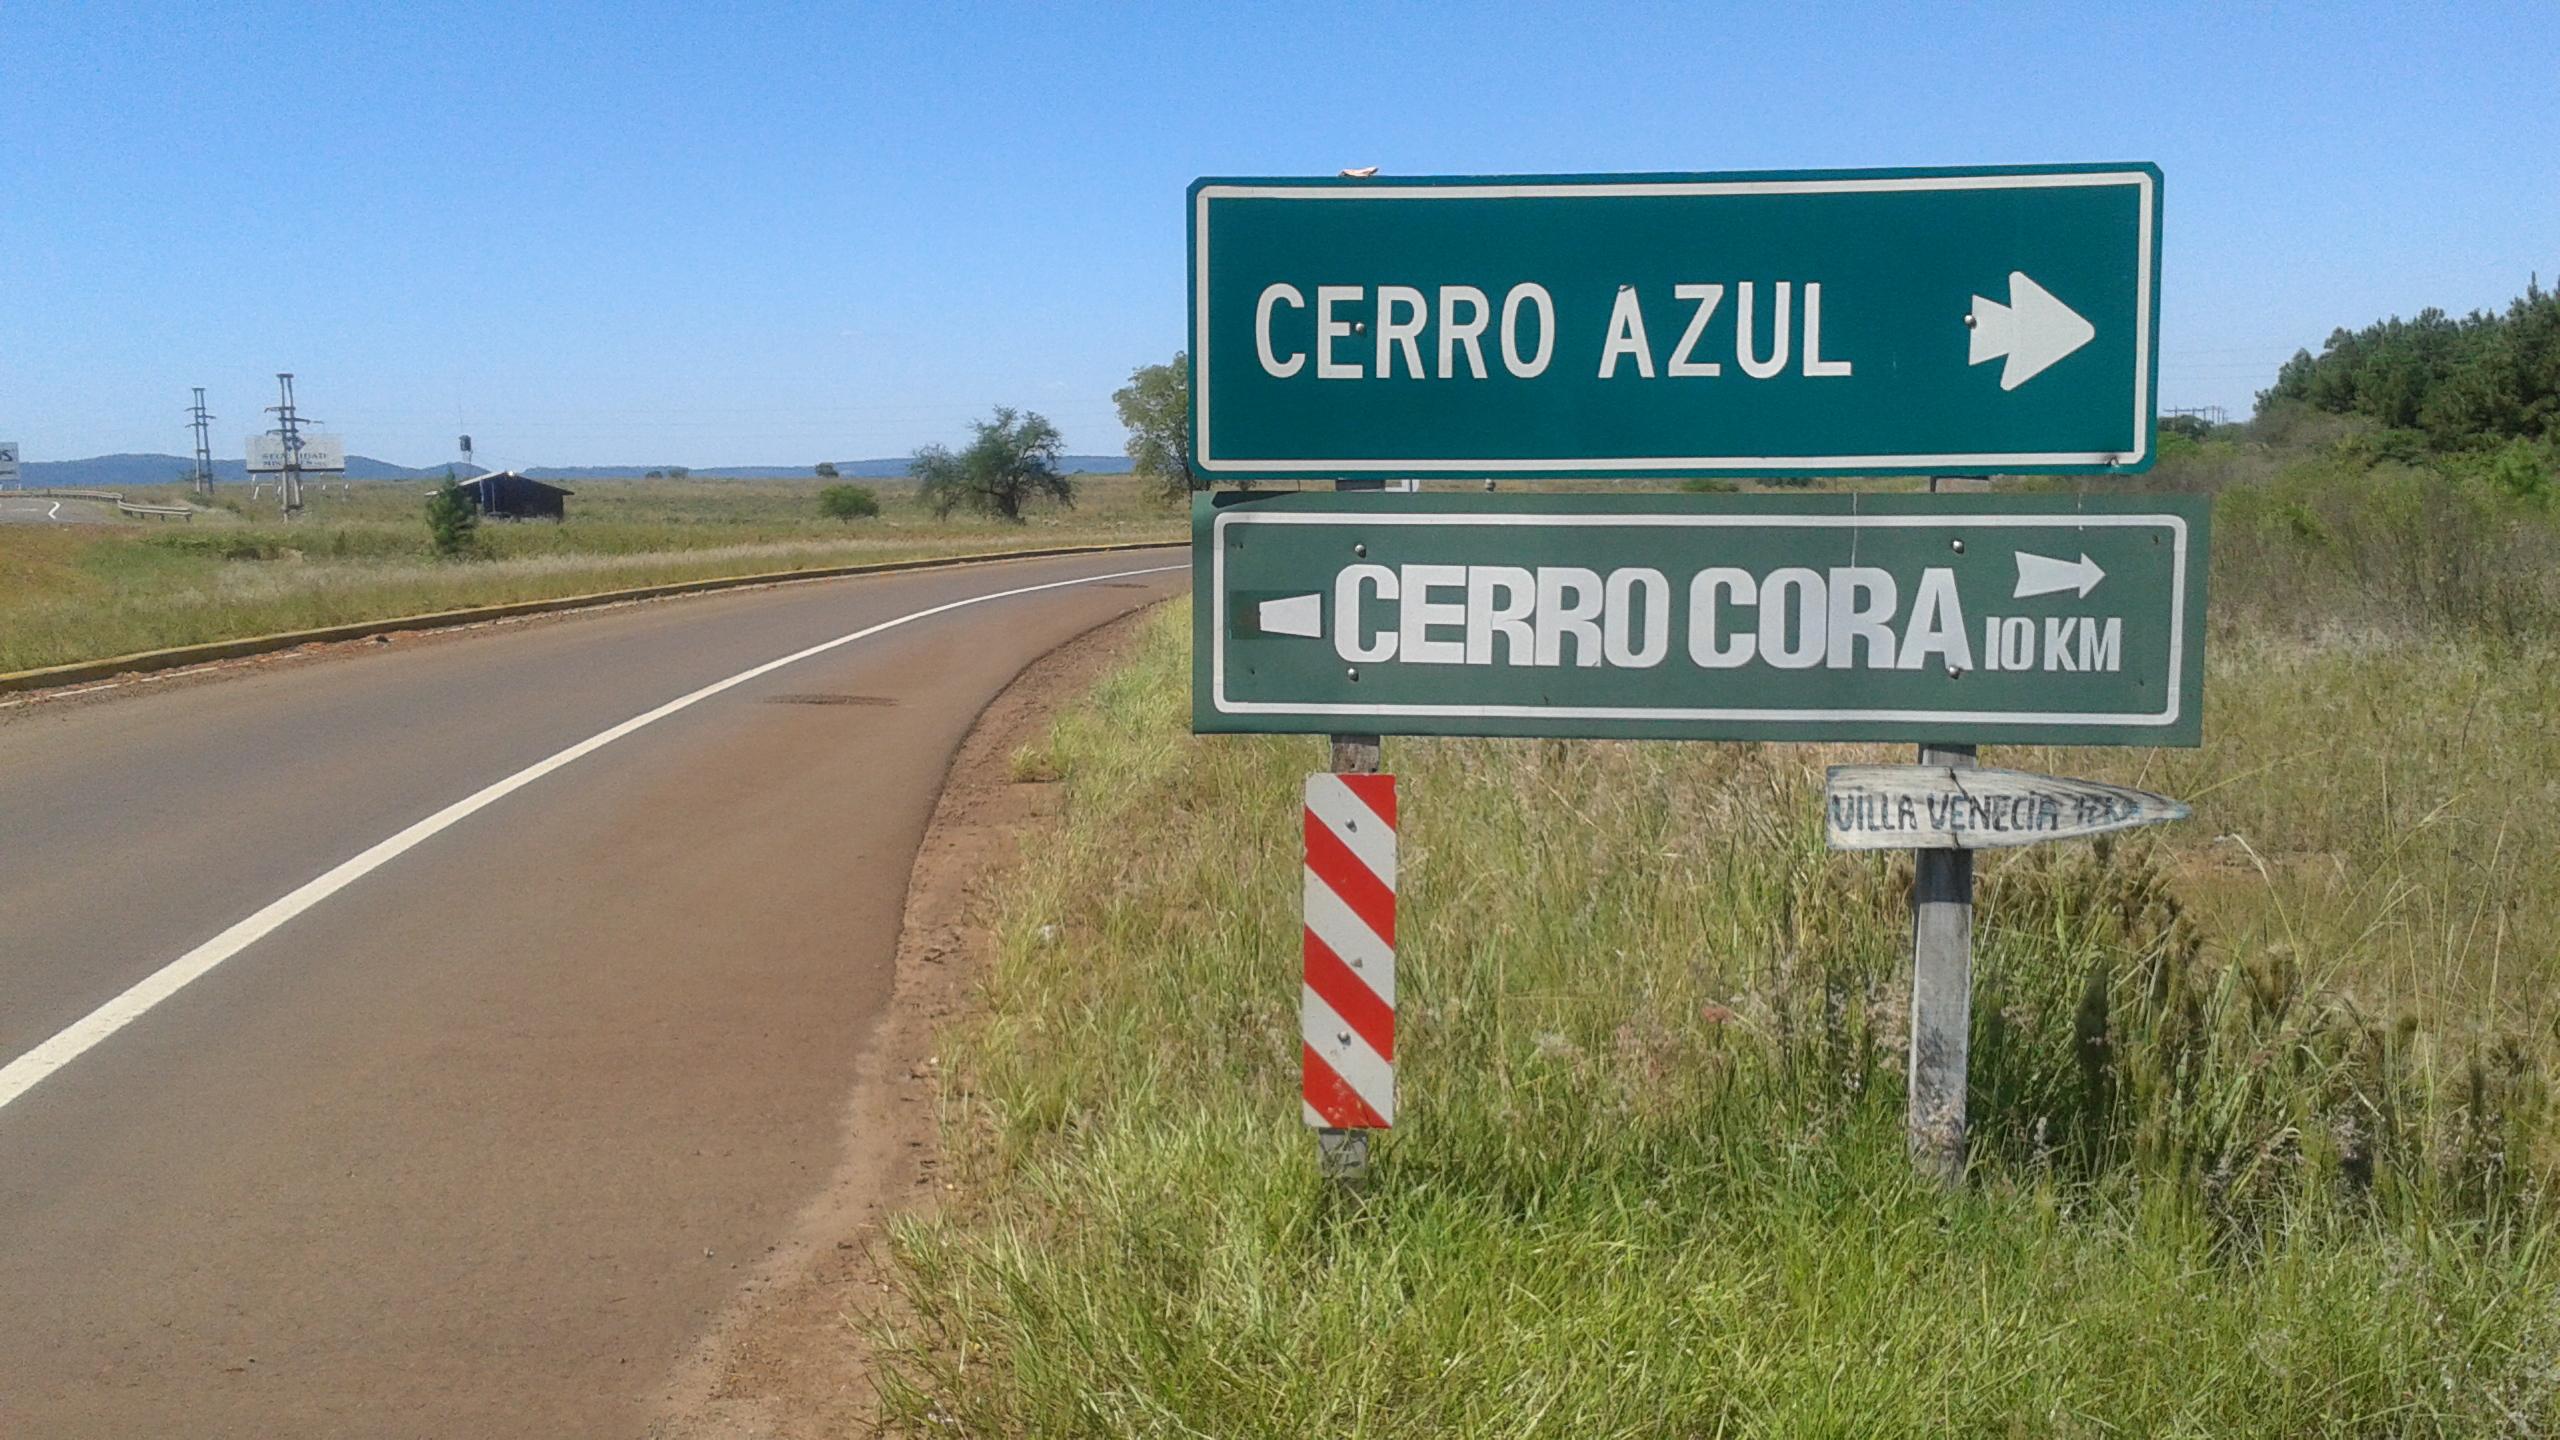 Cerro Azul (Misiones) - Wikipedia, la enciclopedia libre